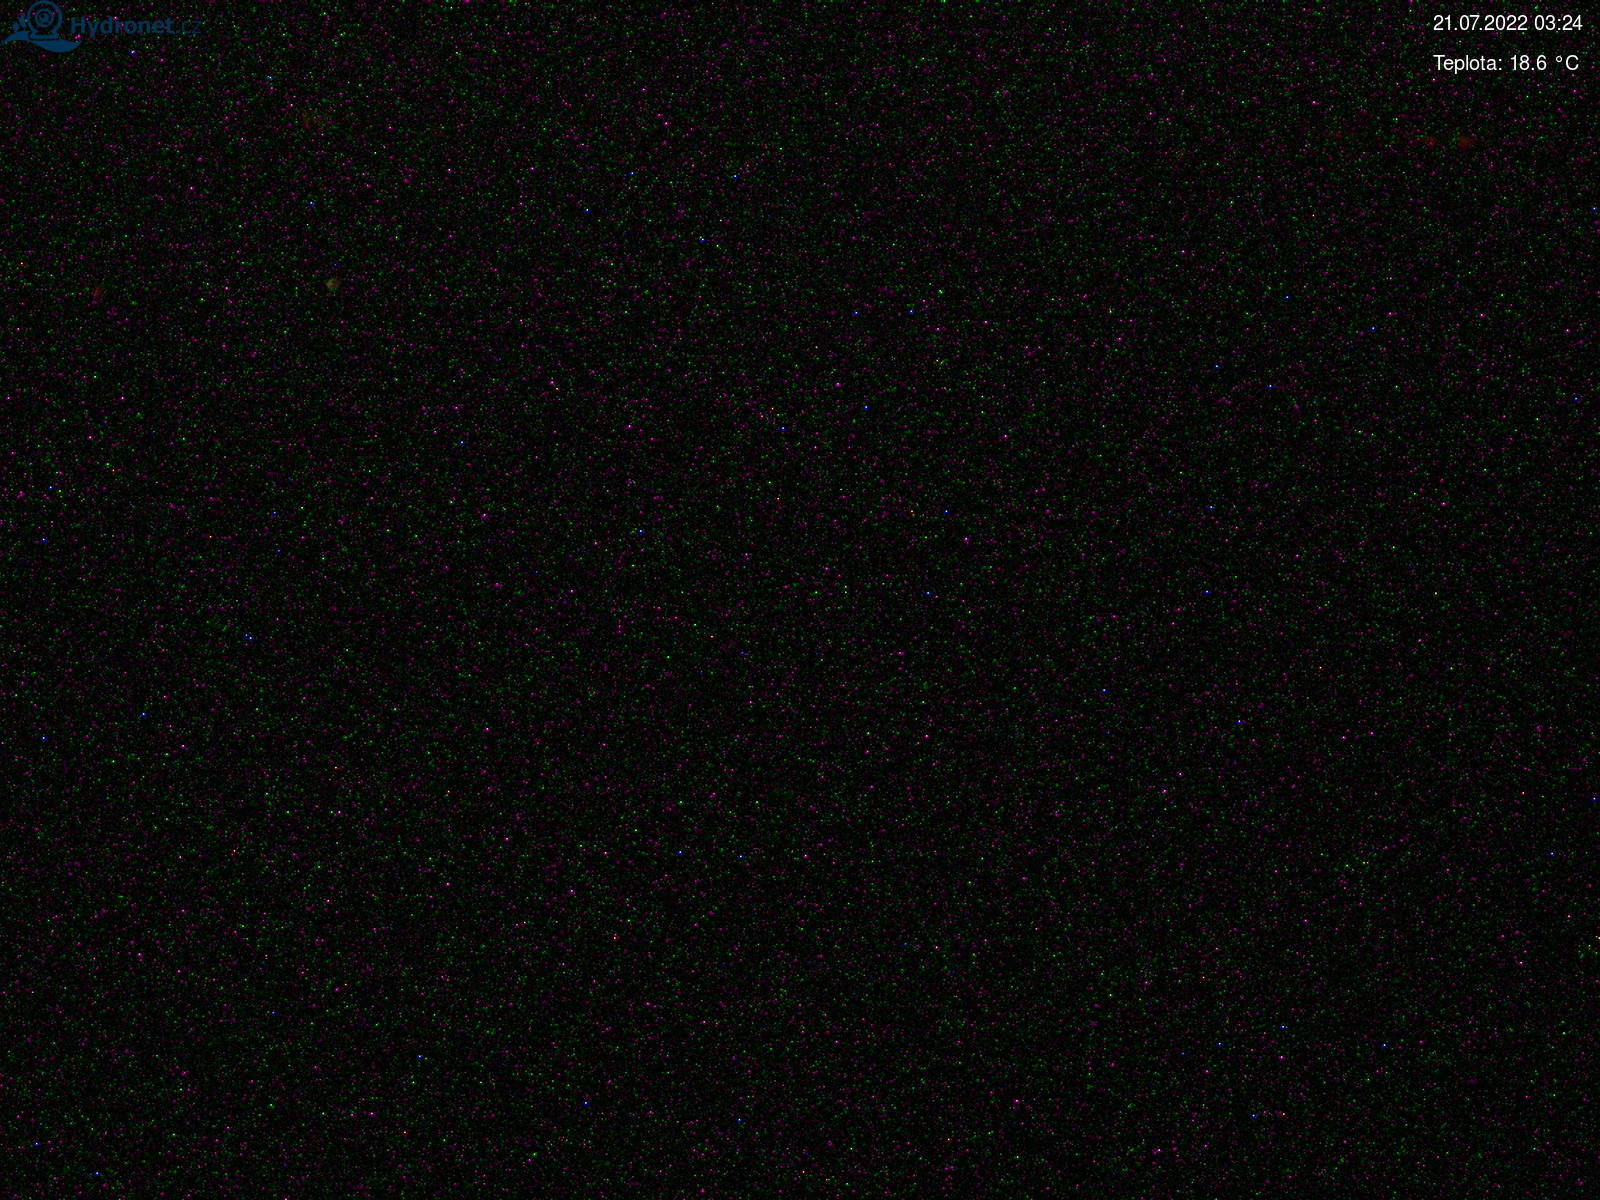 Webcam Skigebiet Rokytnice n. Jizerou cam 4 - Riesengebirge